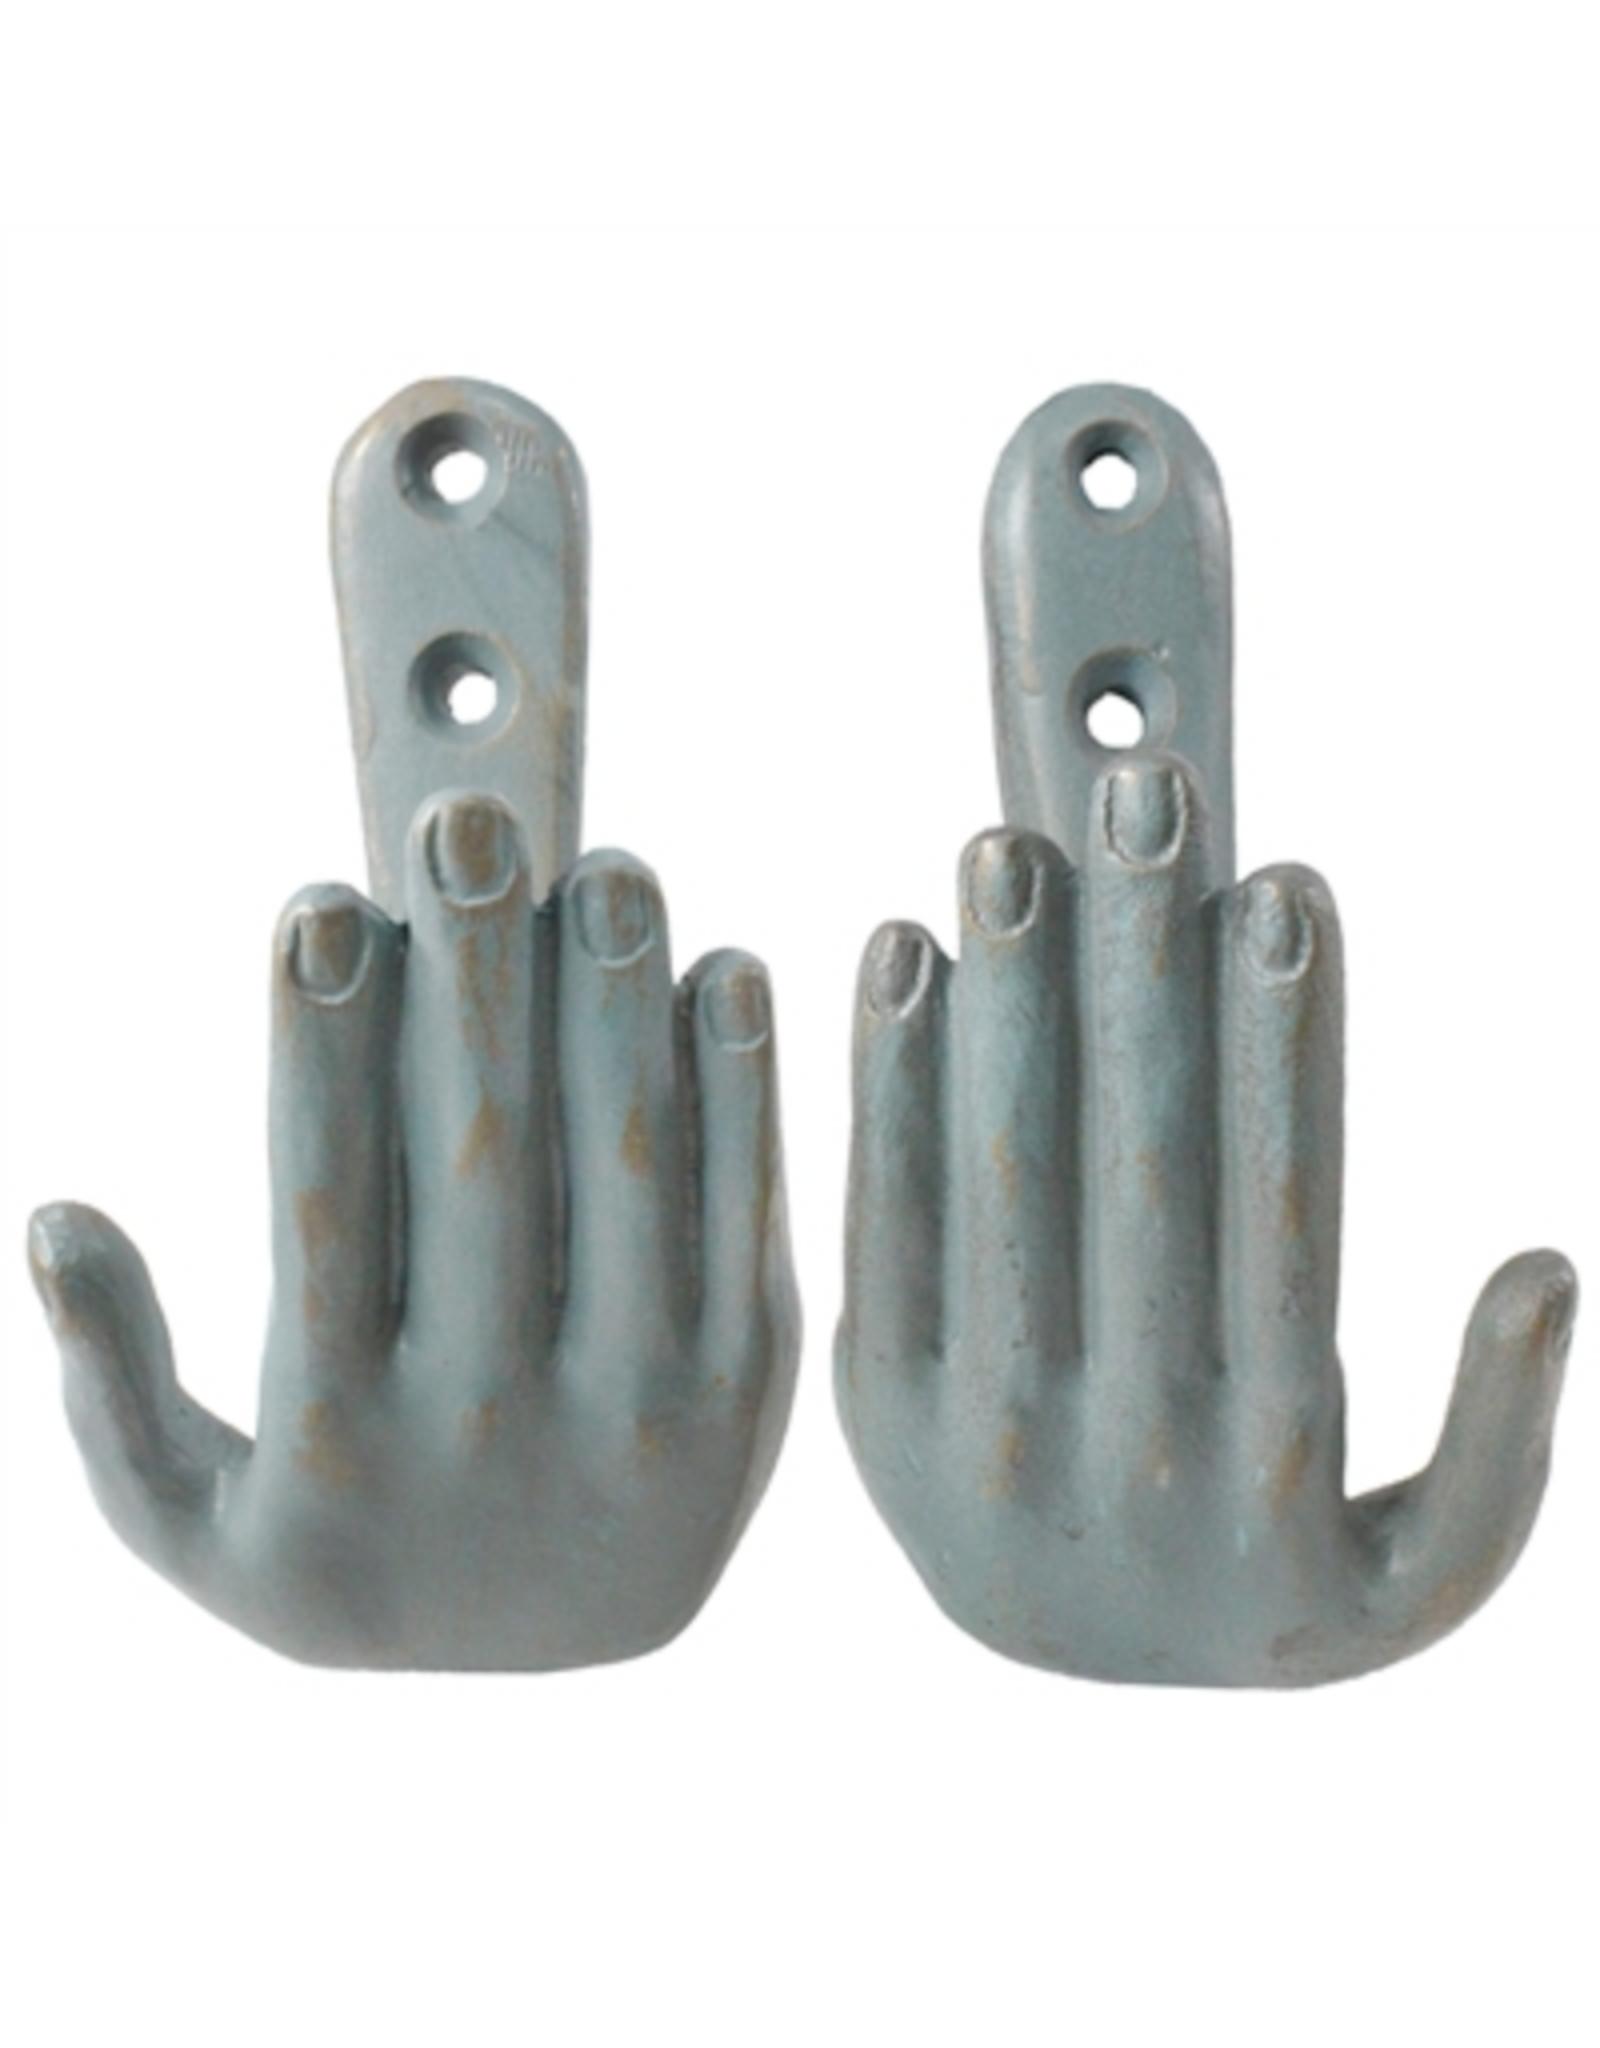 HOOK-OPEN HANDS